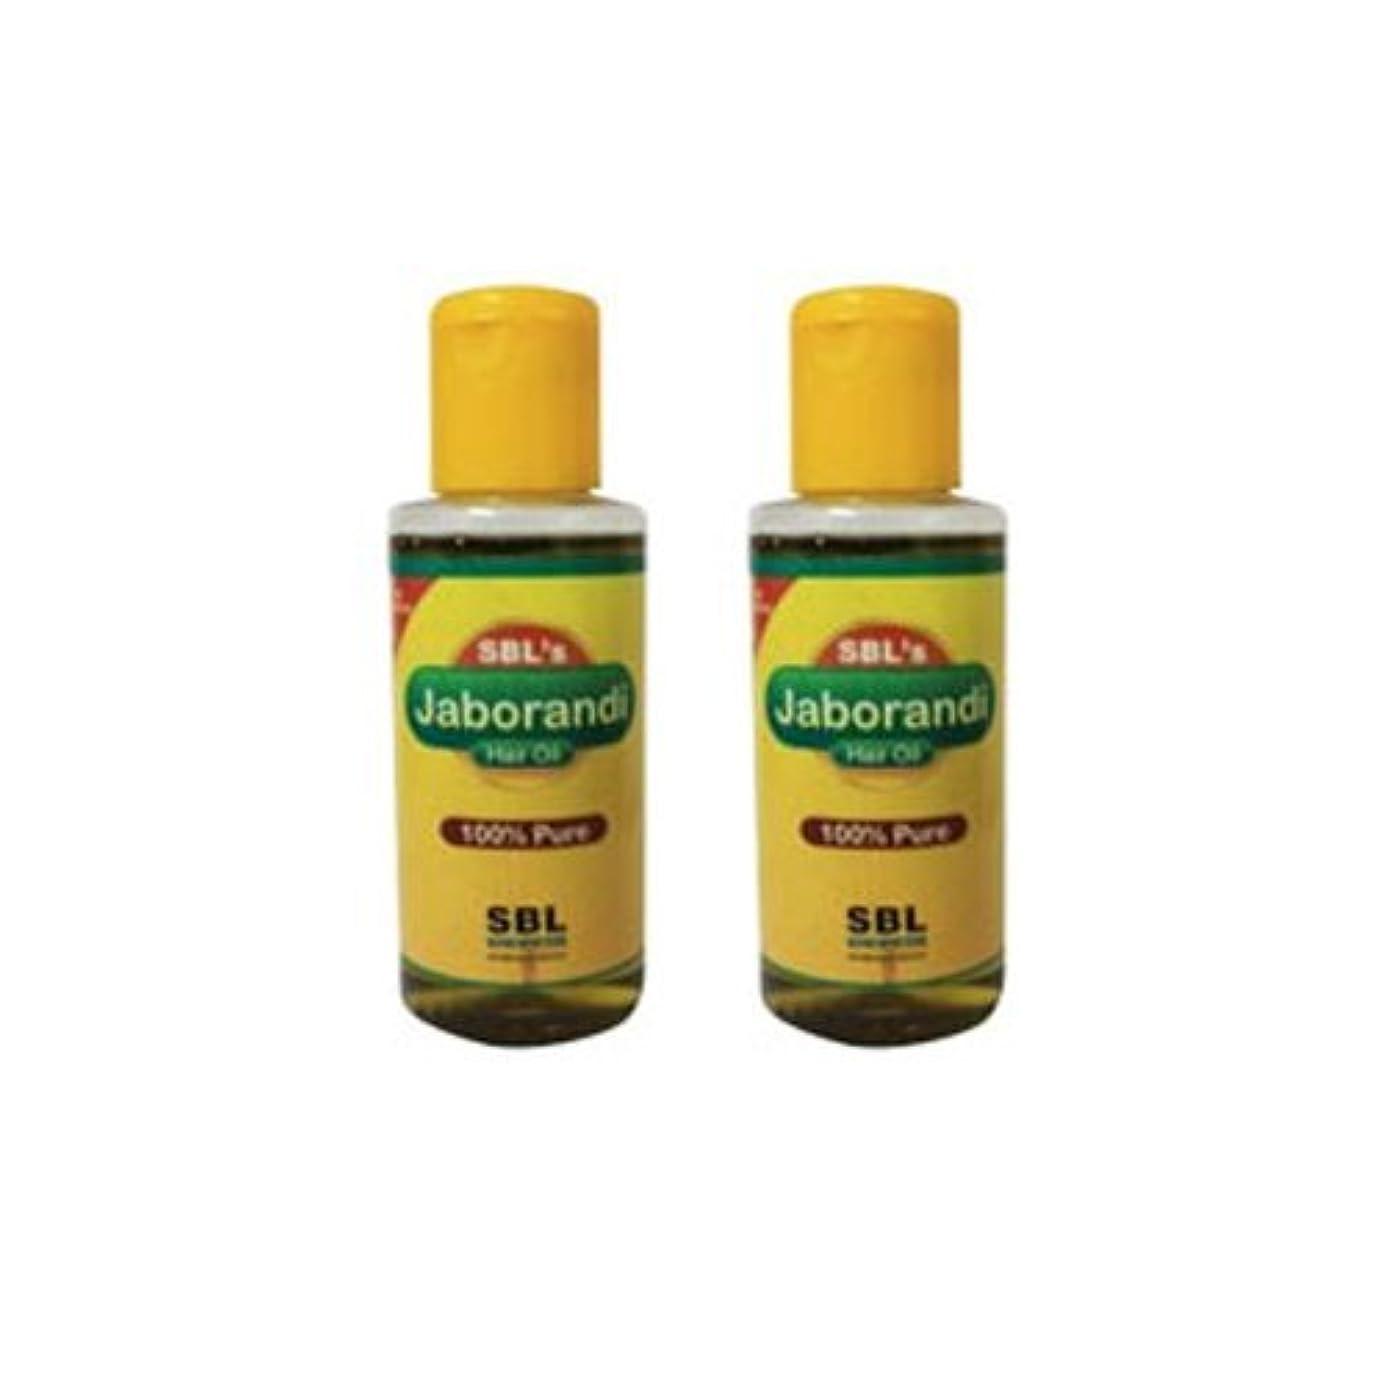 滞在歪める姿勢2 x Jaborandi Hair Oil. Shipping Only By - USPS / FedEX by SBL